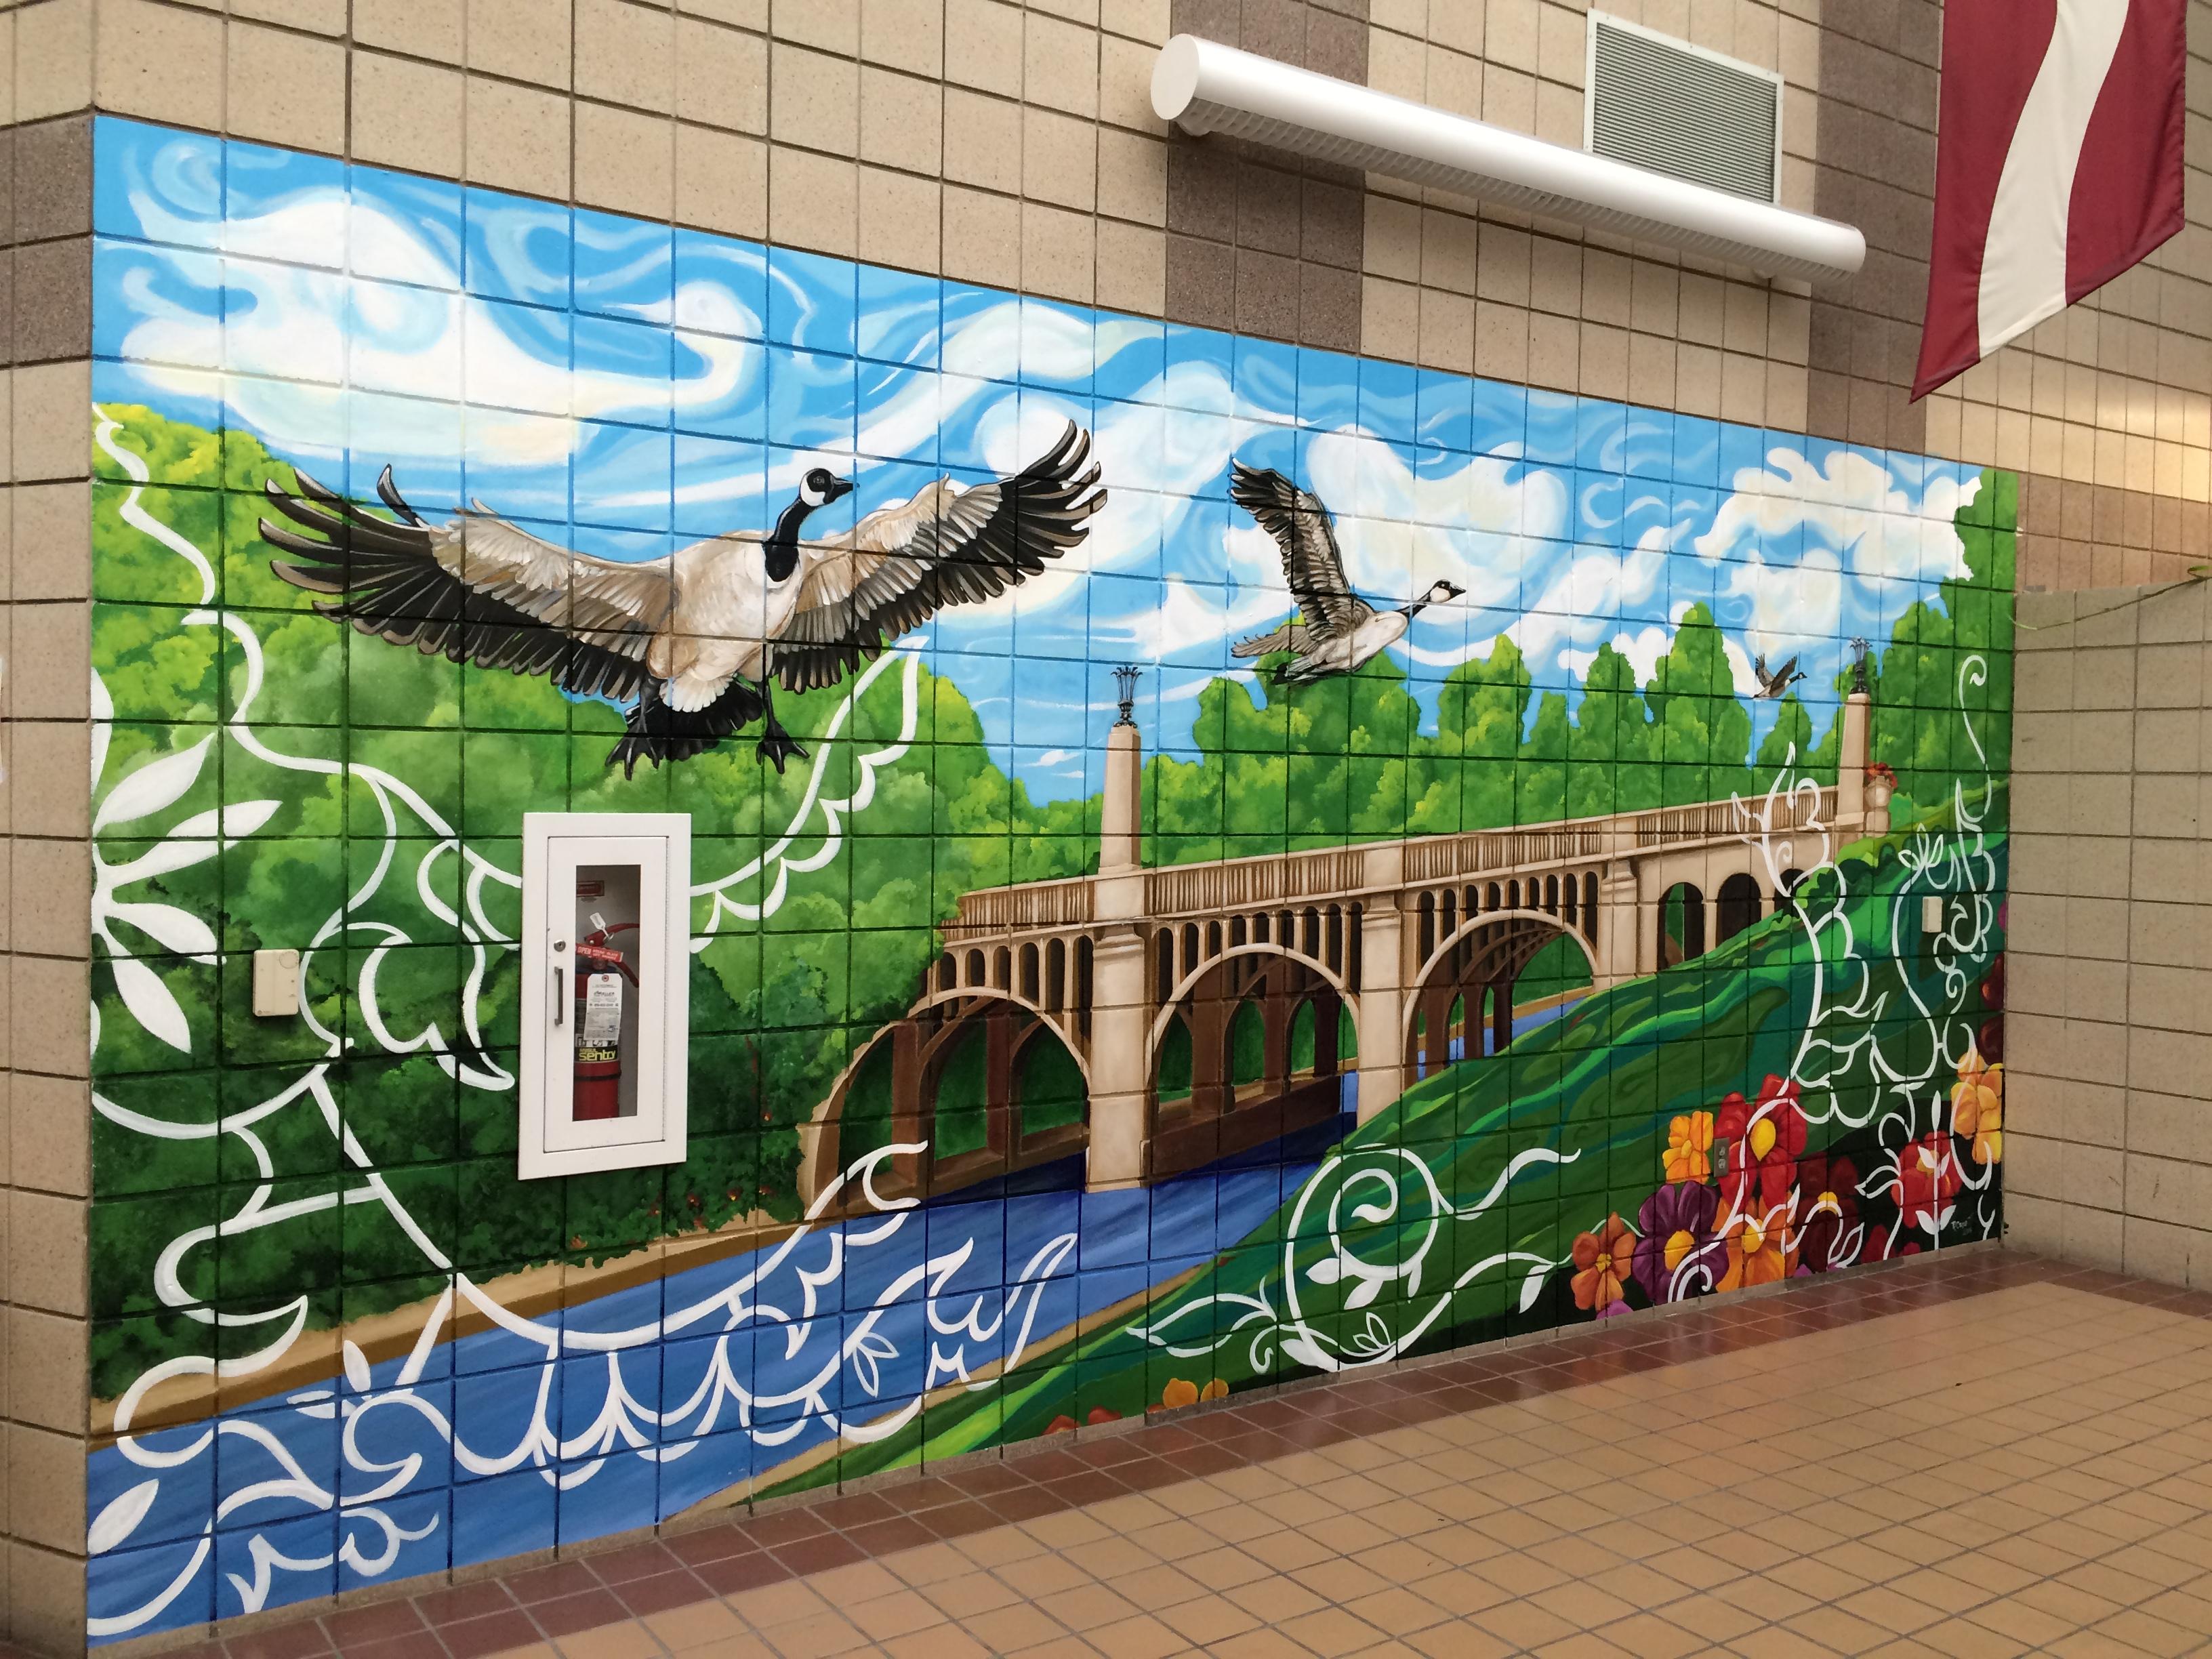 MAPIT Program Beautifies KC Parks Community Centers